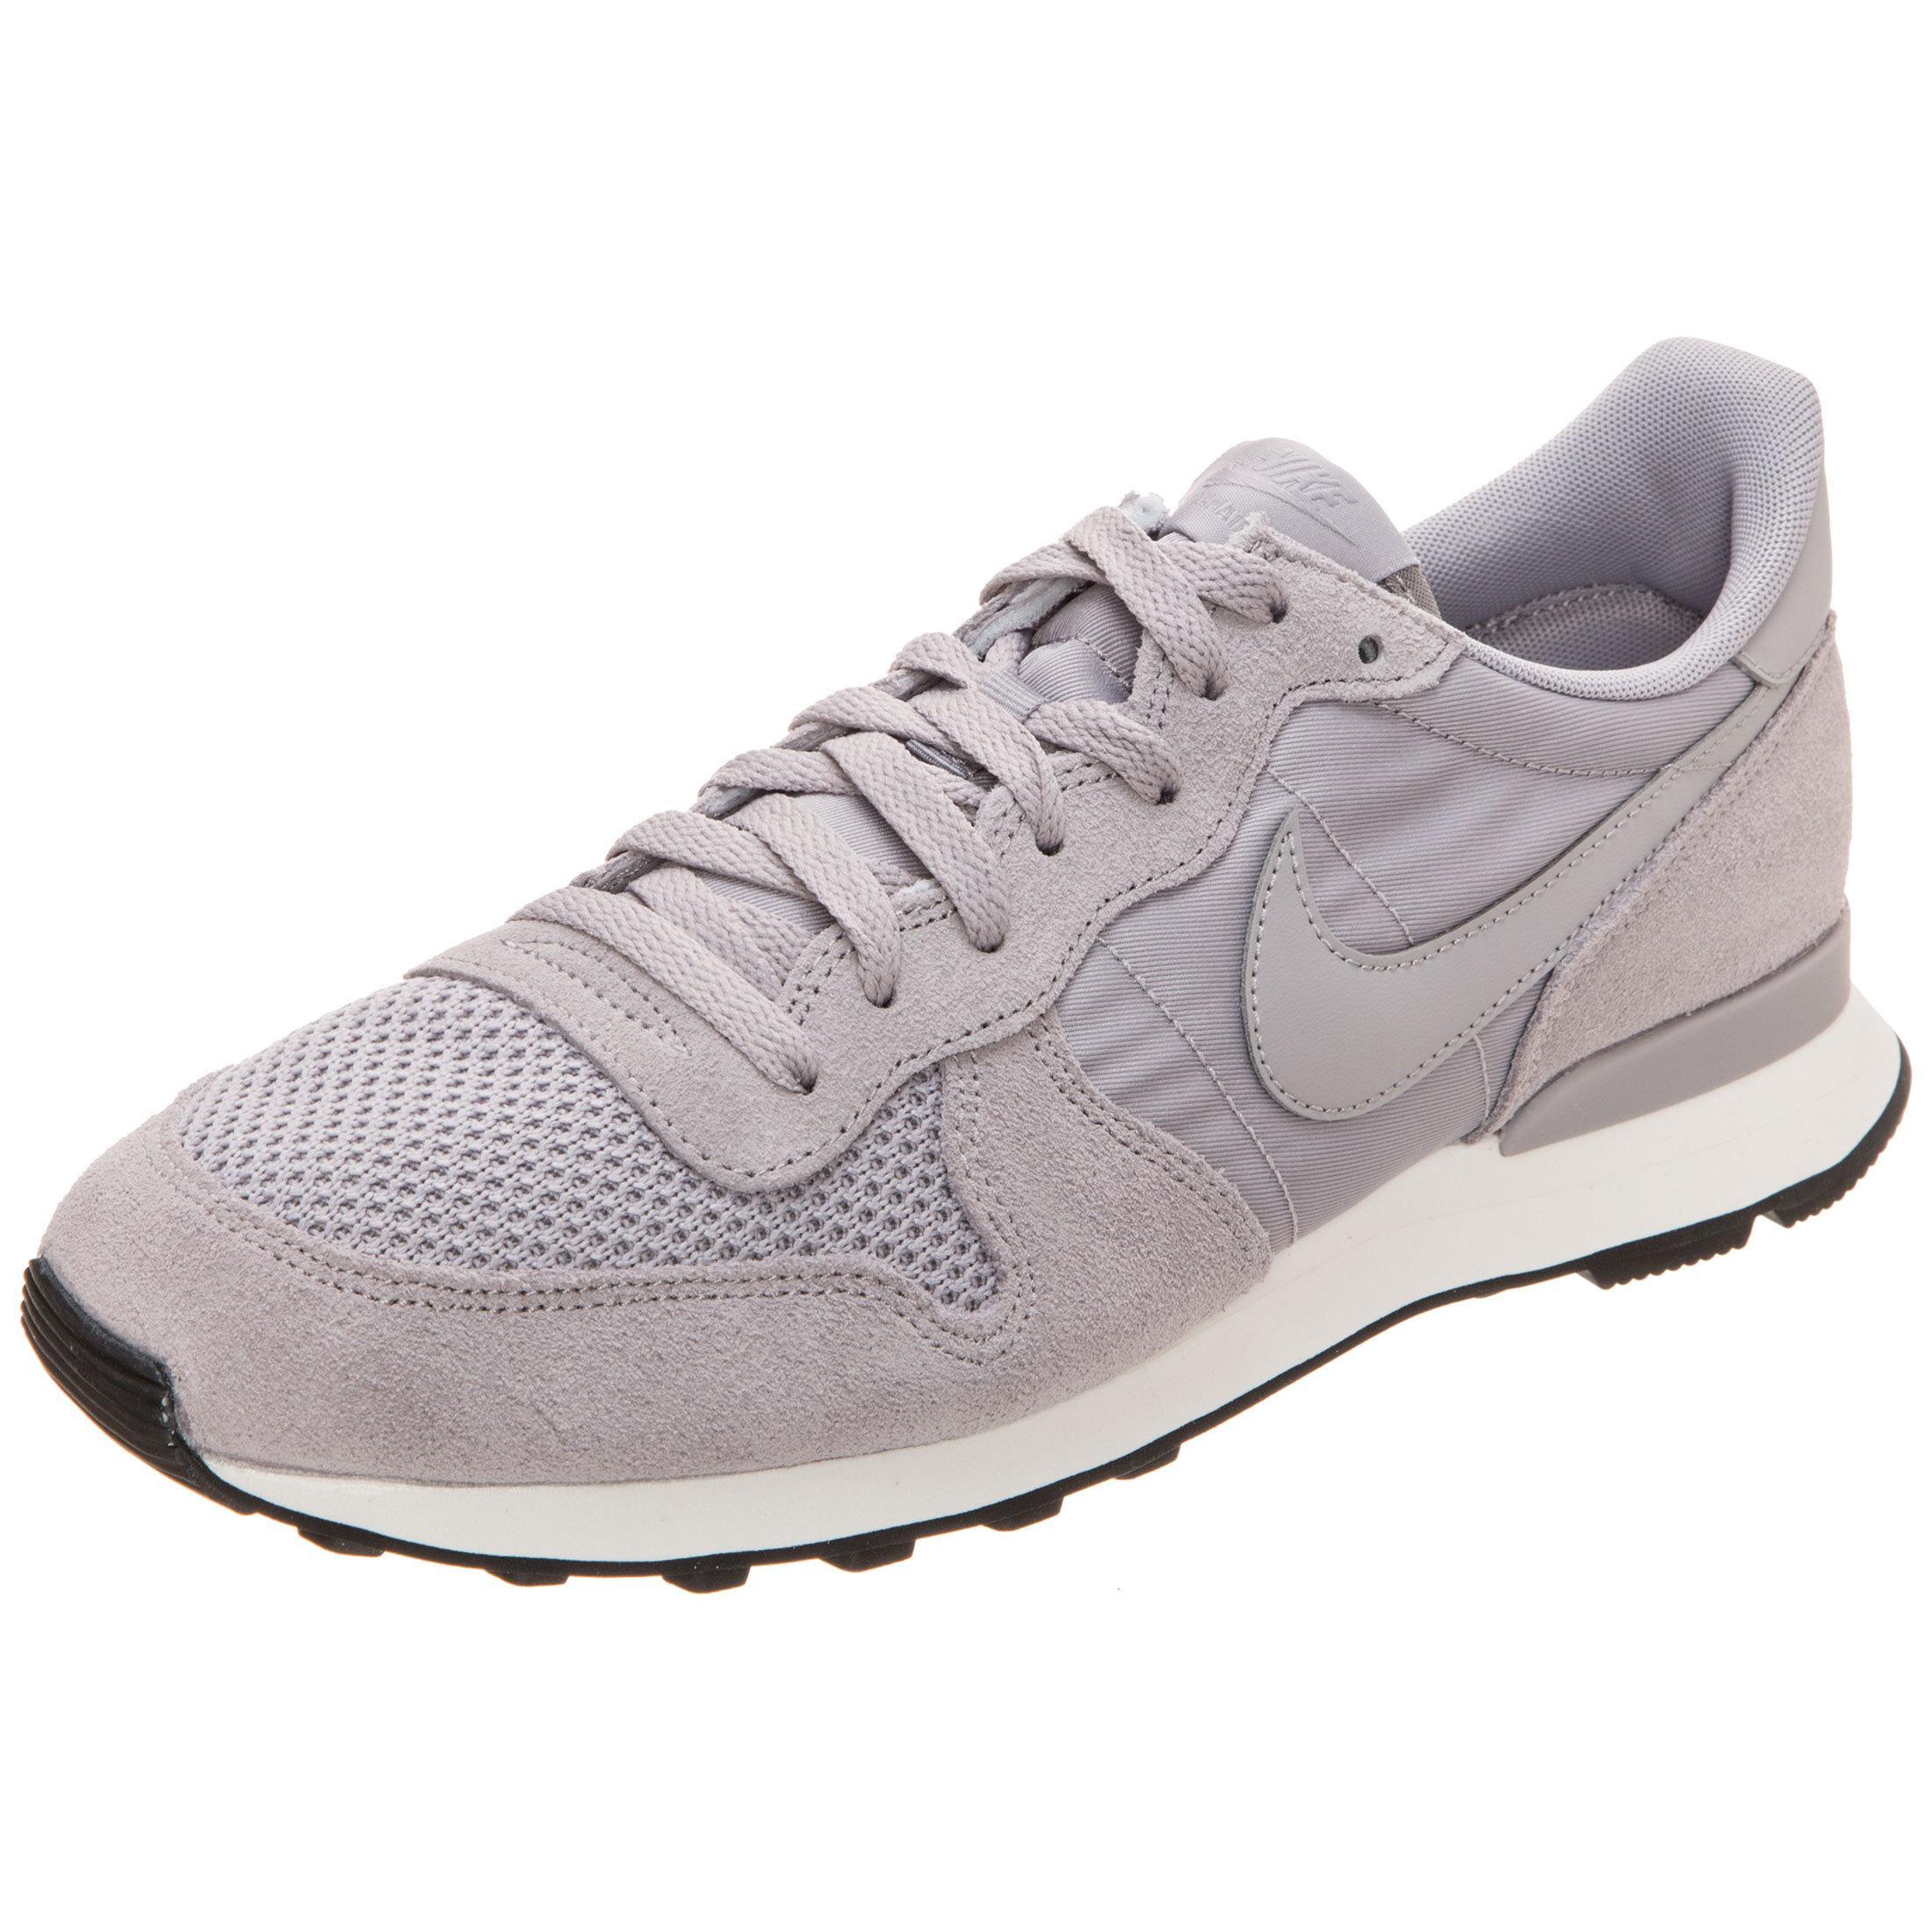 Nike Internationalist SE Sneaker Herren grau / beige im Online Shop von SportScheck kaufen